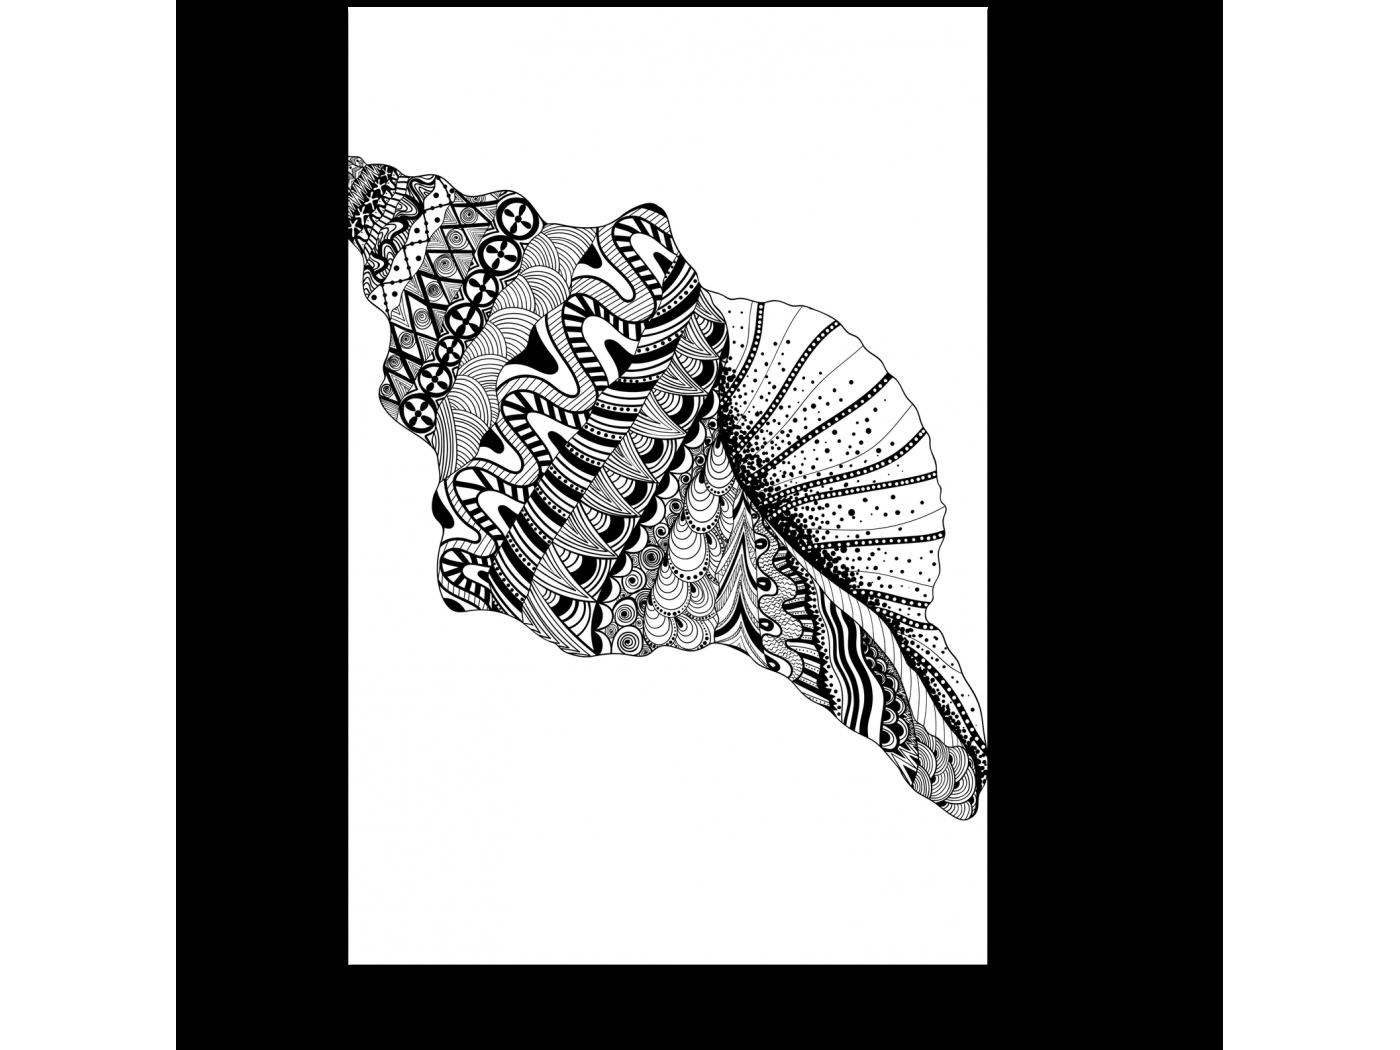 Модульная картина Морские узоры (20x30) фото